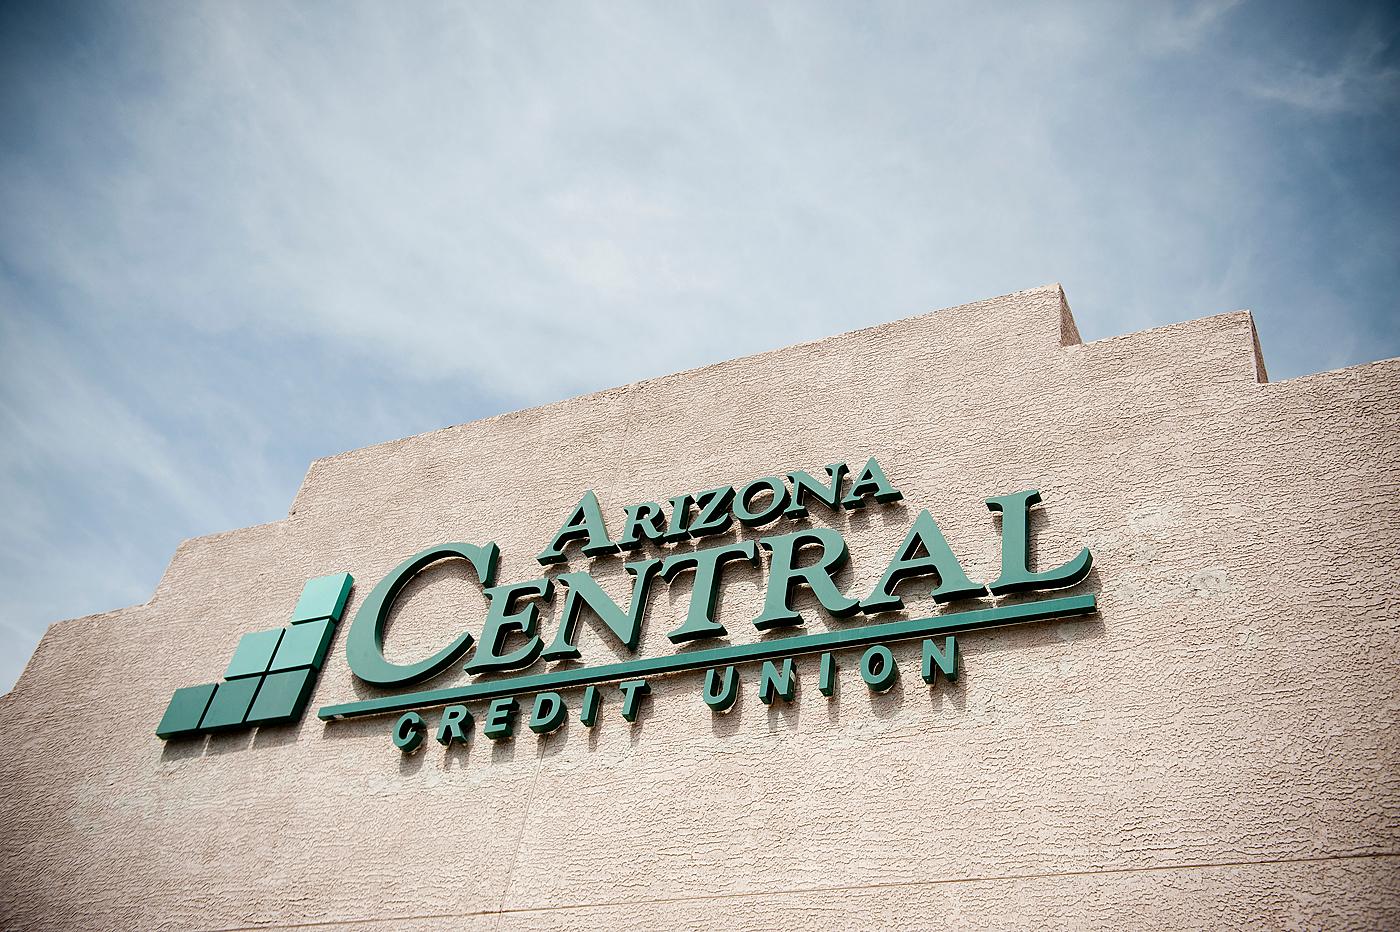 AZ Central Credit Union